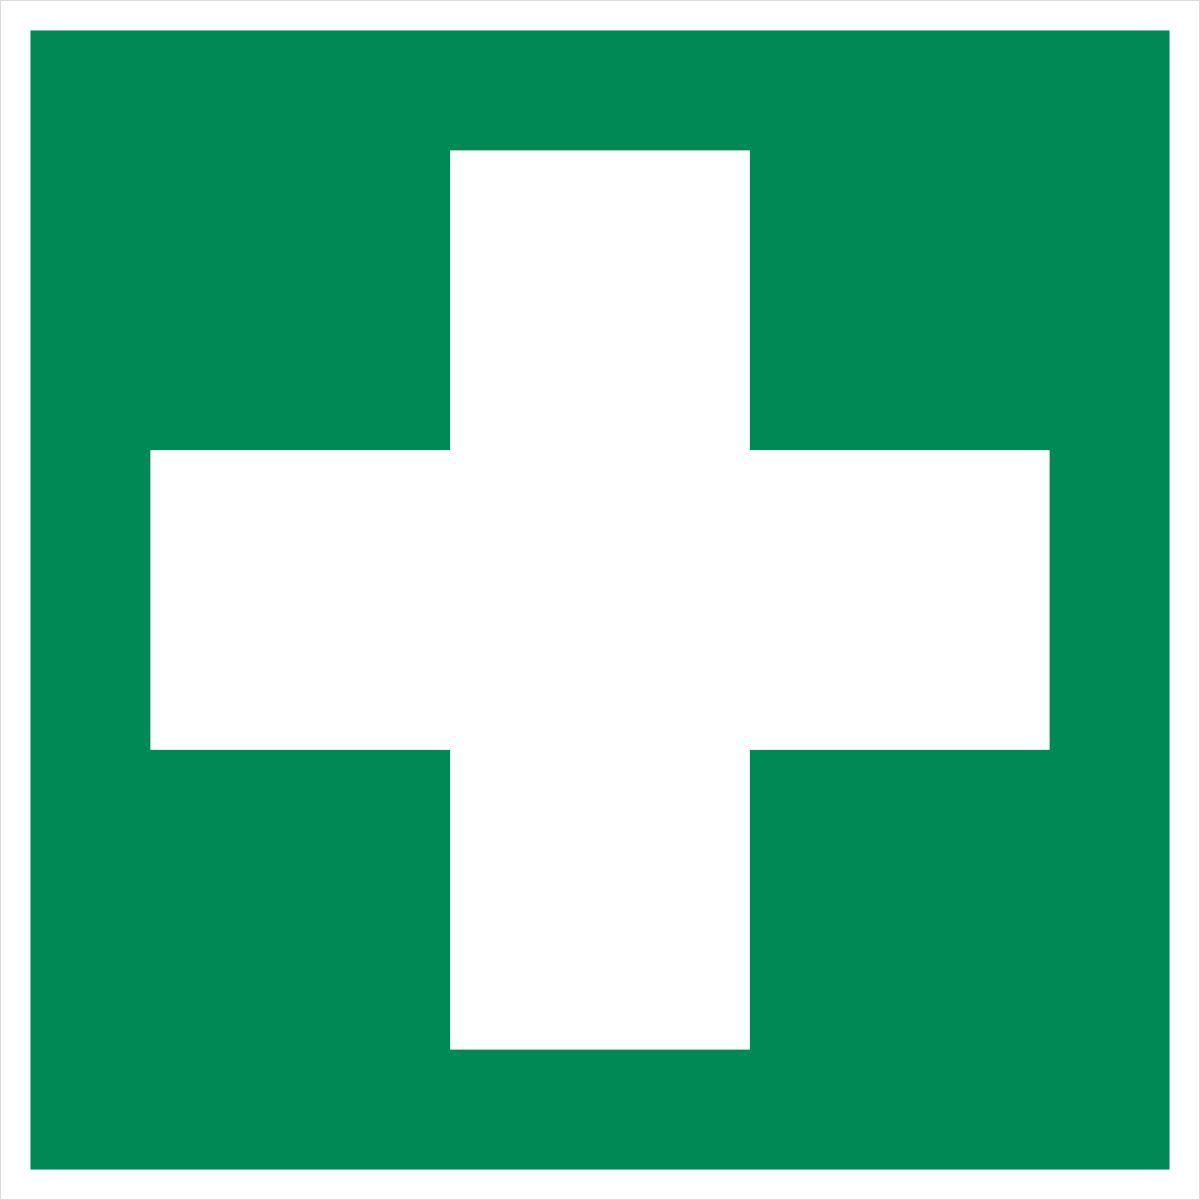 Aufkleber 'Erste Hilfe' Rettungszeichen ISO 7010 E003